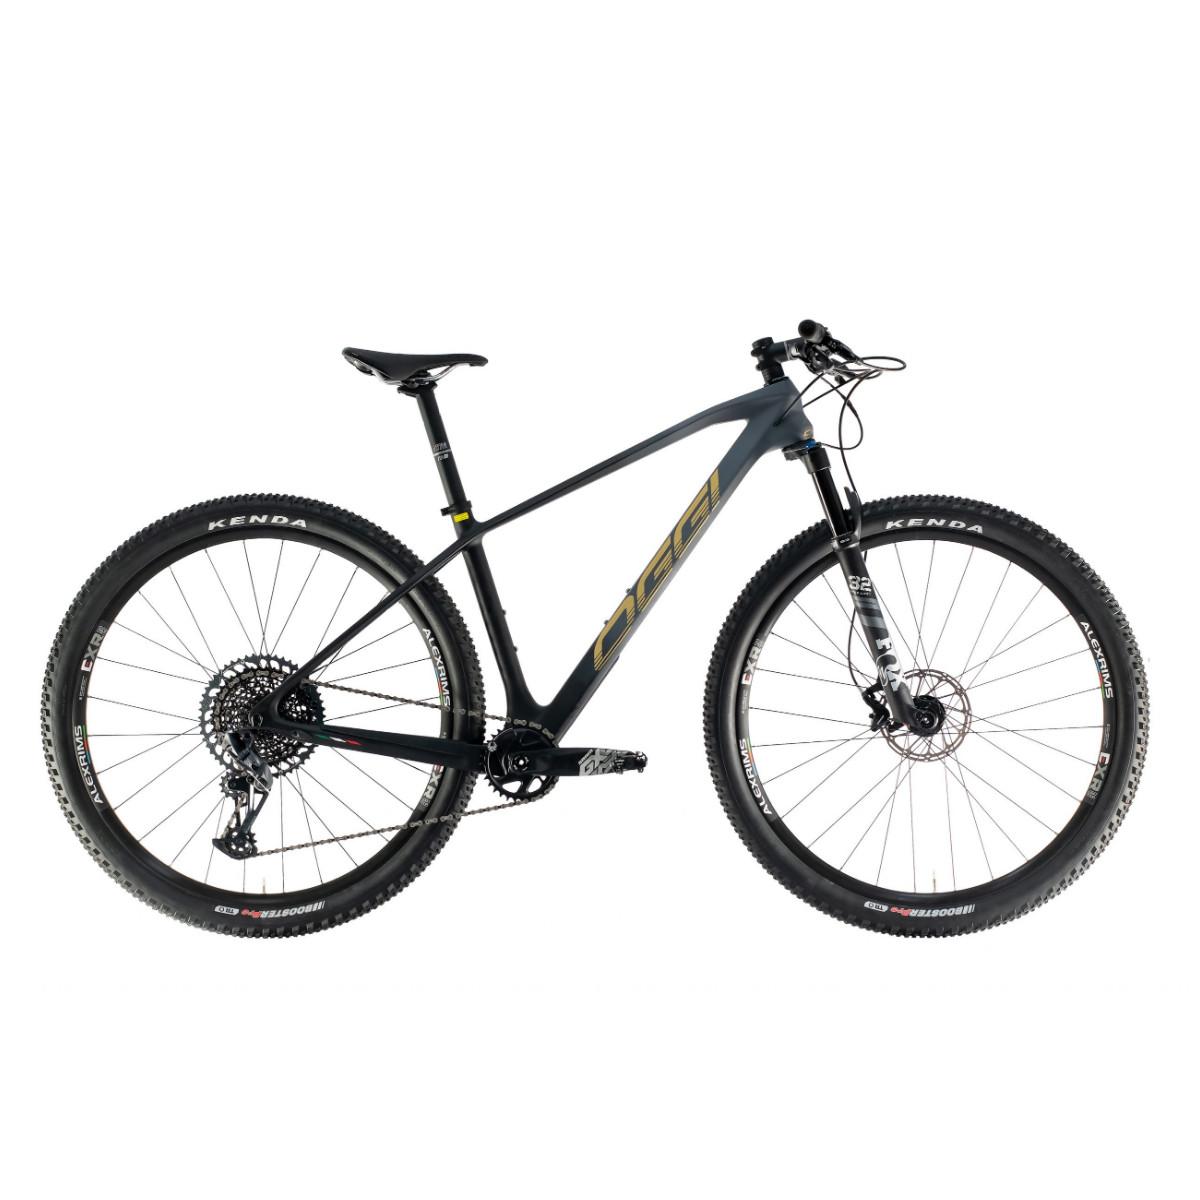 Bicicleta Mtb Oggi Ágile Pro GX 12v 2021 - Grafite Preto e Dourado